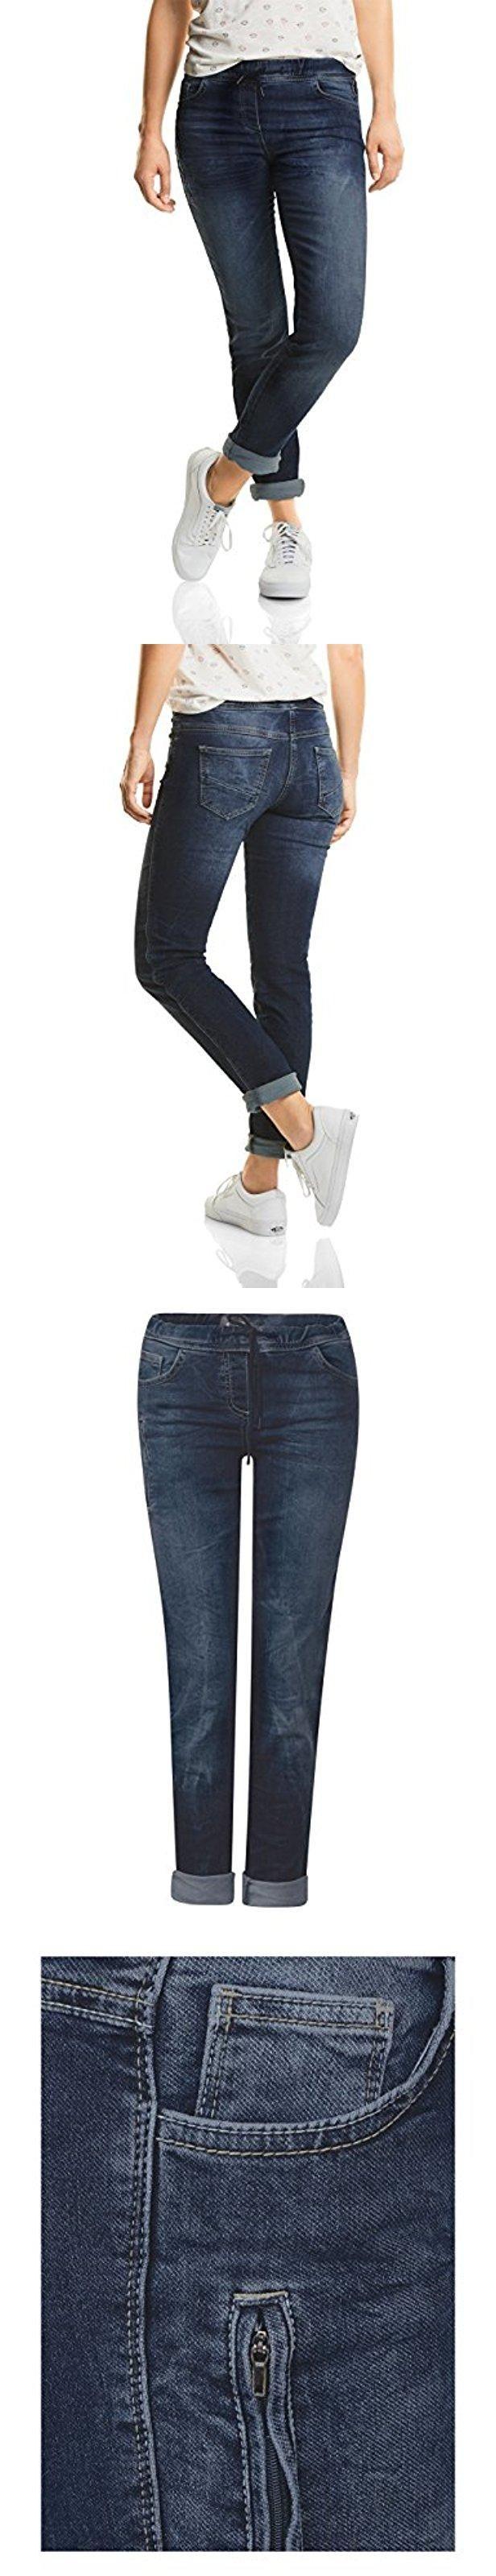 Cecil Damen Jeans 370941 Scarlett Heavy Washed Jogg Stye Loose Fit Denim